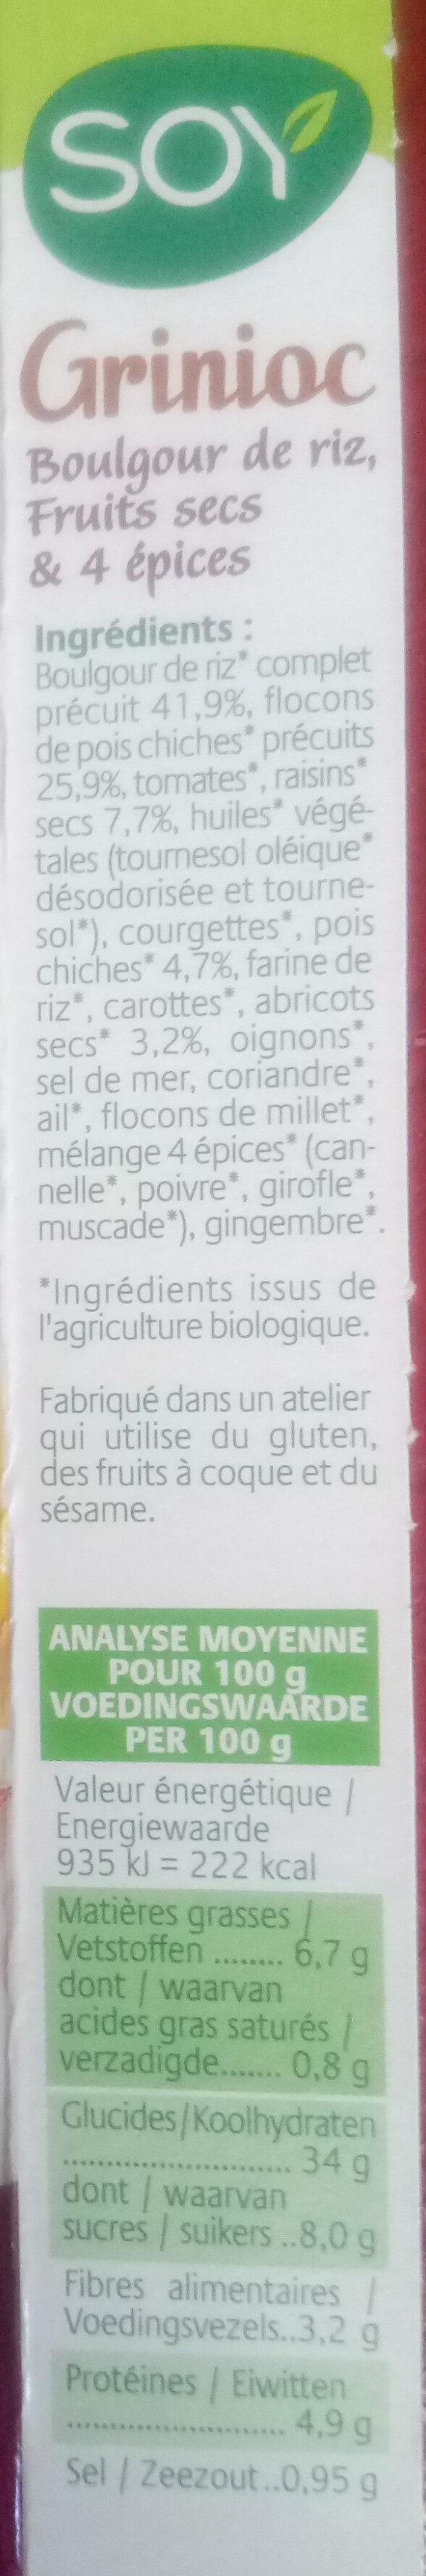 Grignioc - Ingredients - fr